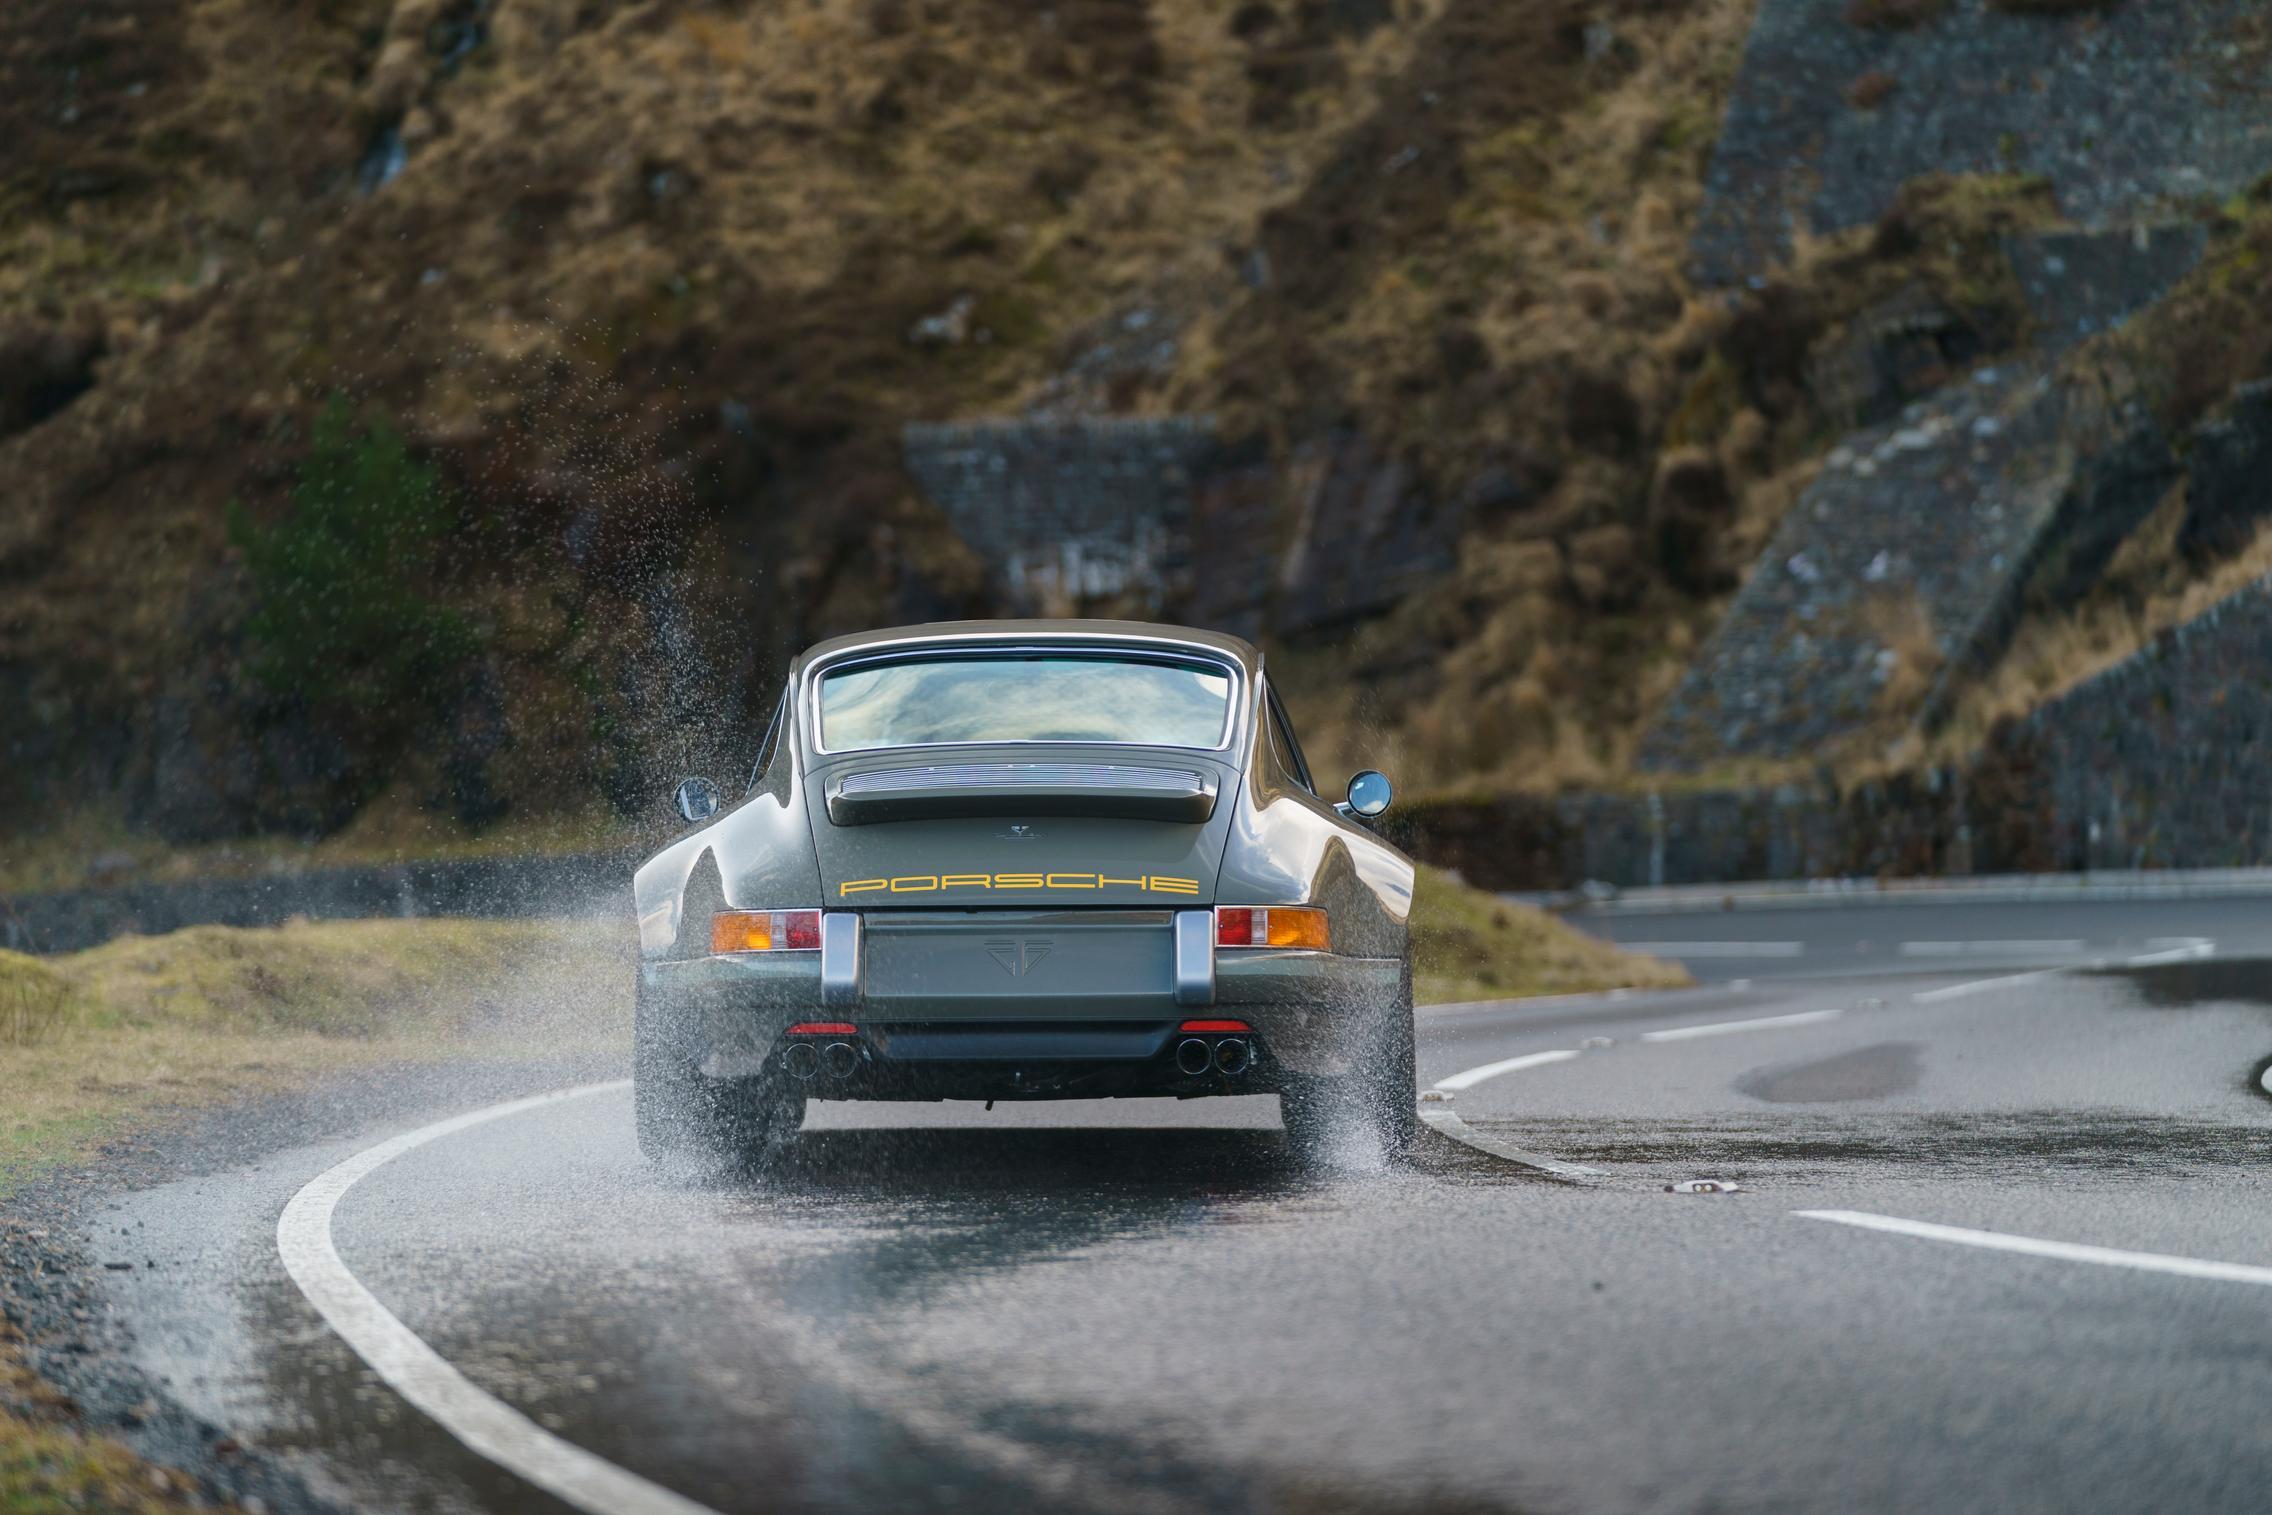 Porsche 964 priced